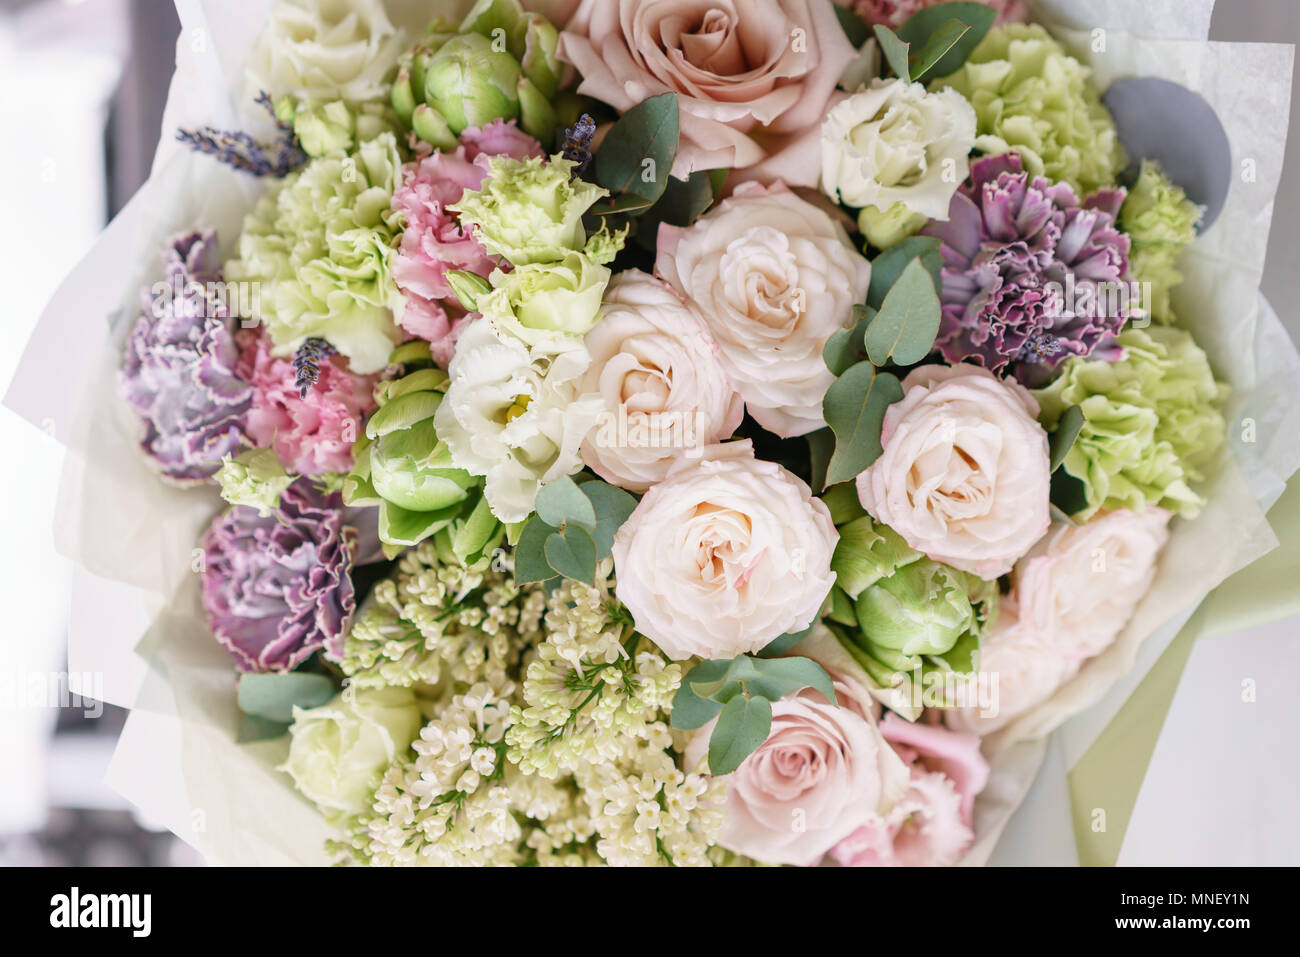 Blumenschmuck Multicolor Bouquet Von Schonen Blumen Auf Holzernen